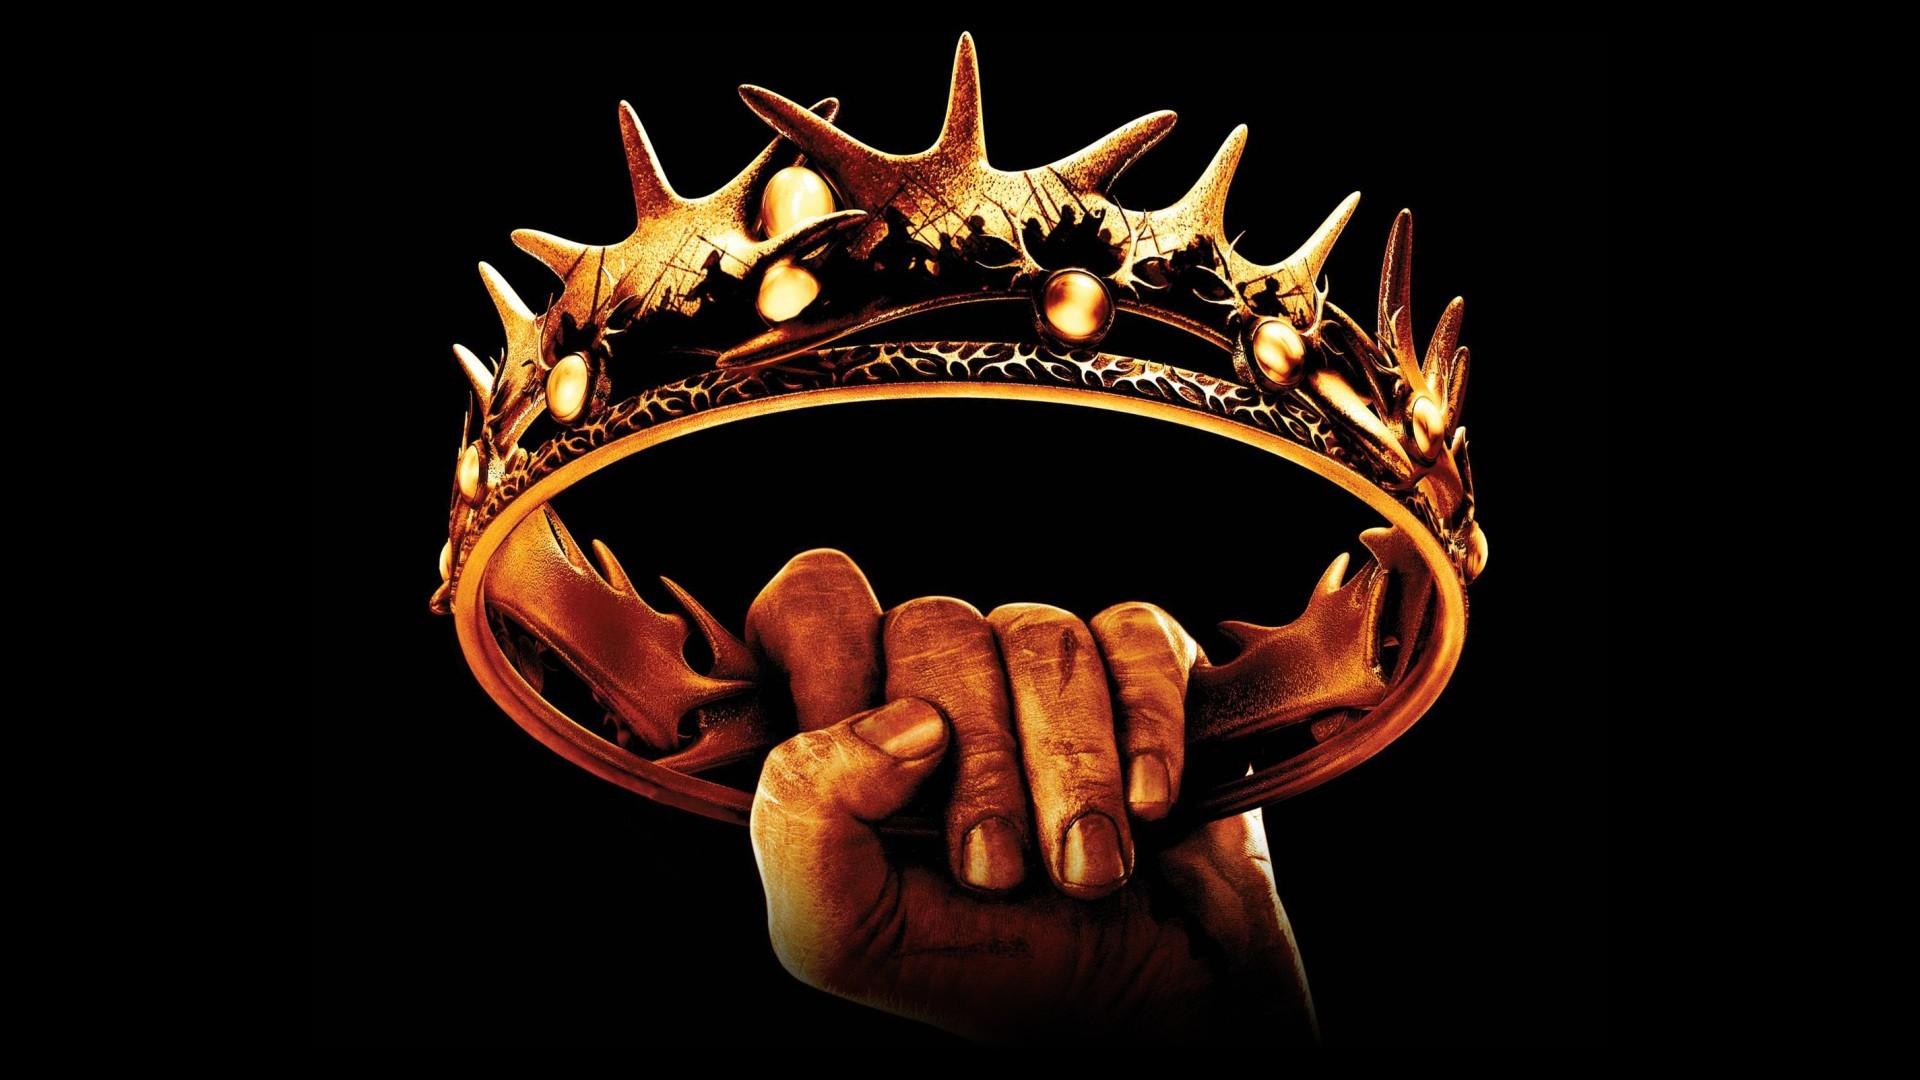 Десница короля готовил свержение своего правителя. Его союзники успешно совершили переворот, и он узнал об этом, когда вкушал традиционное блюдо этих земель